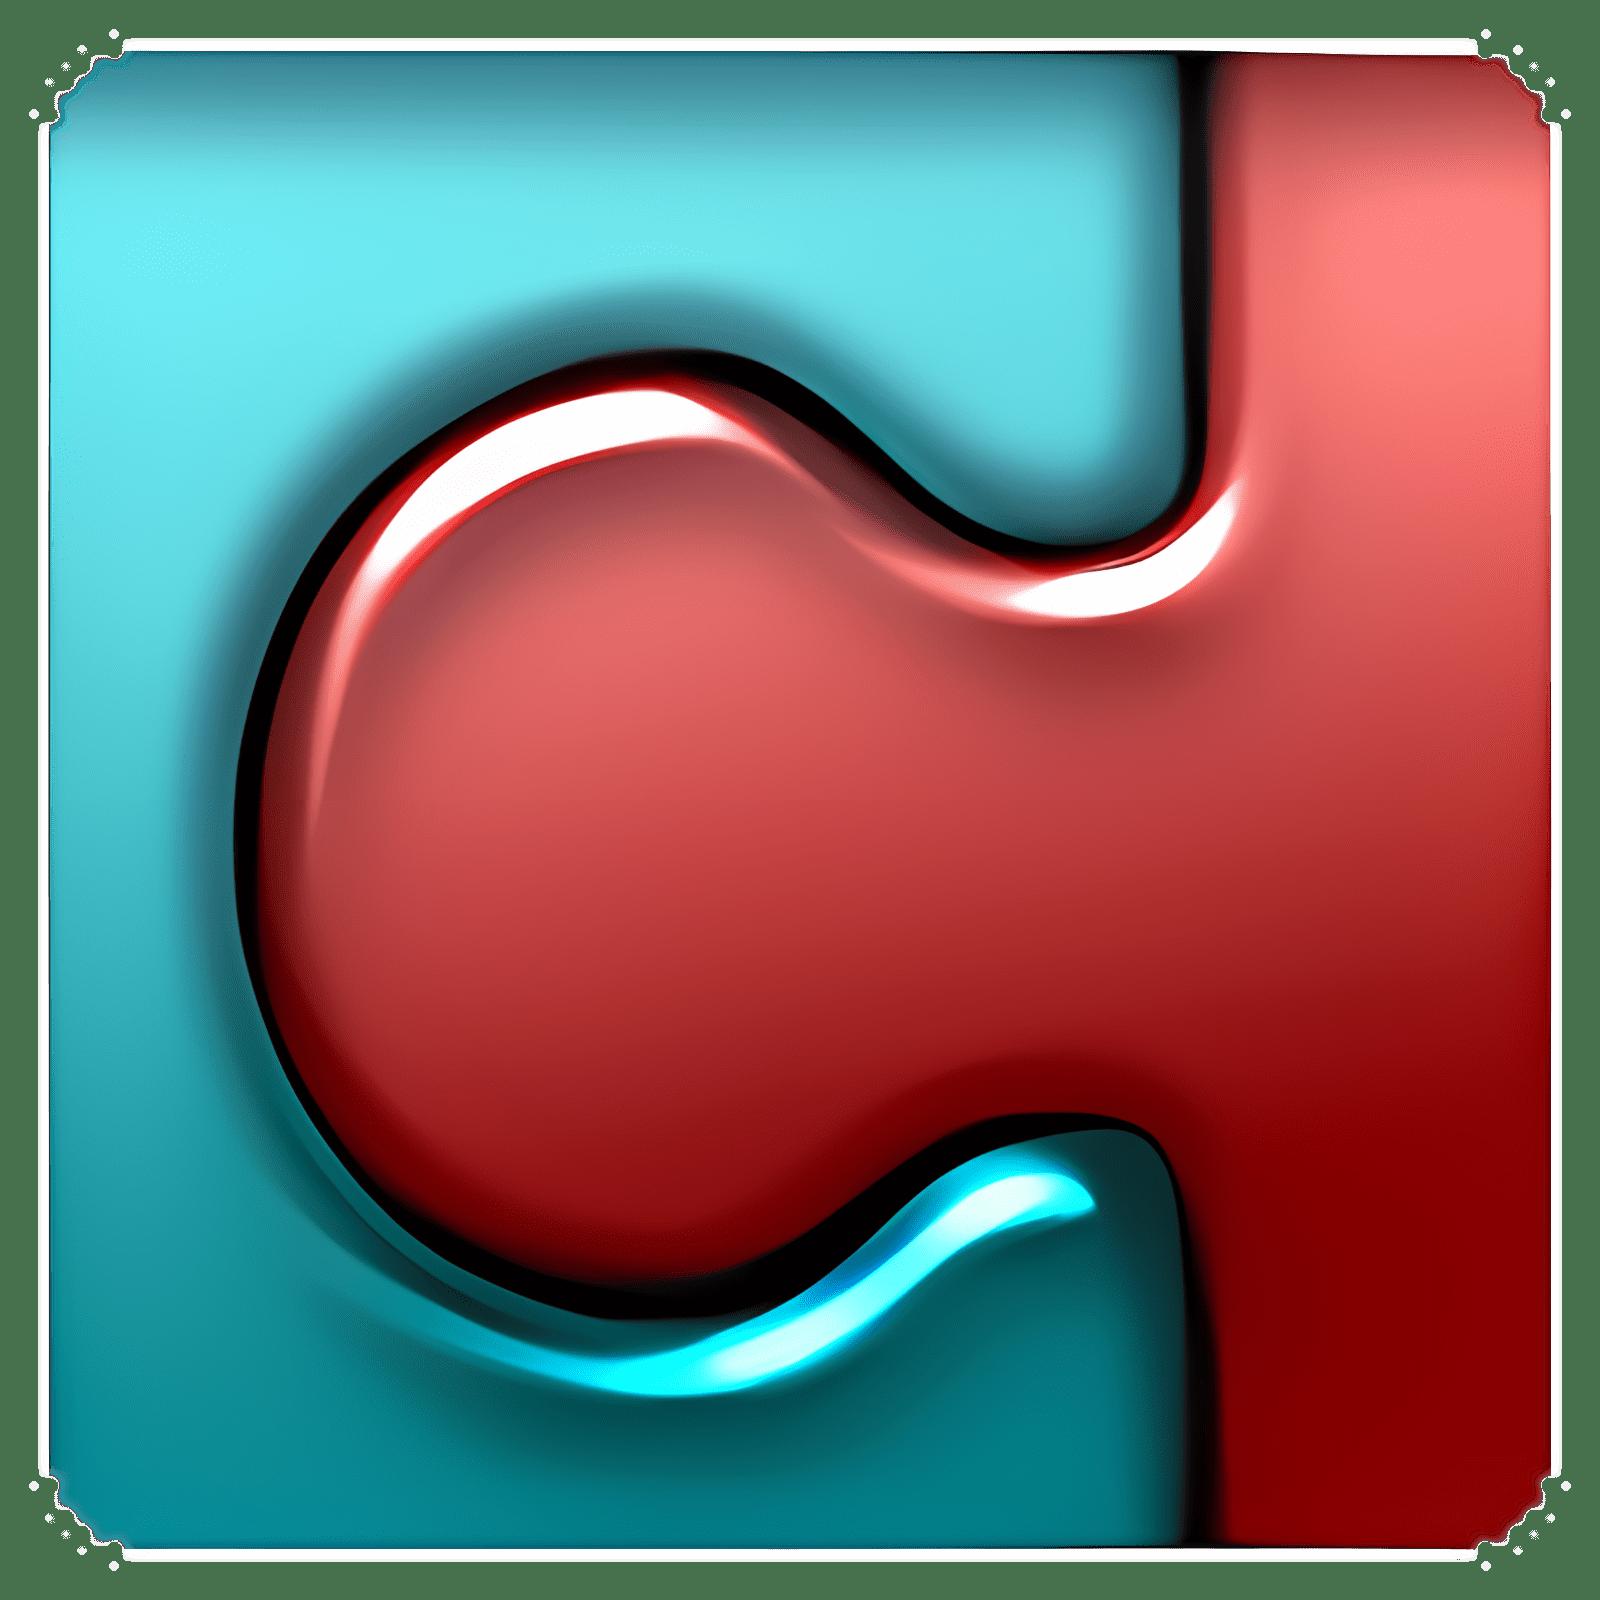 MD5summer 1.2.0.11 Beta